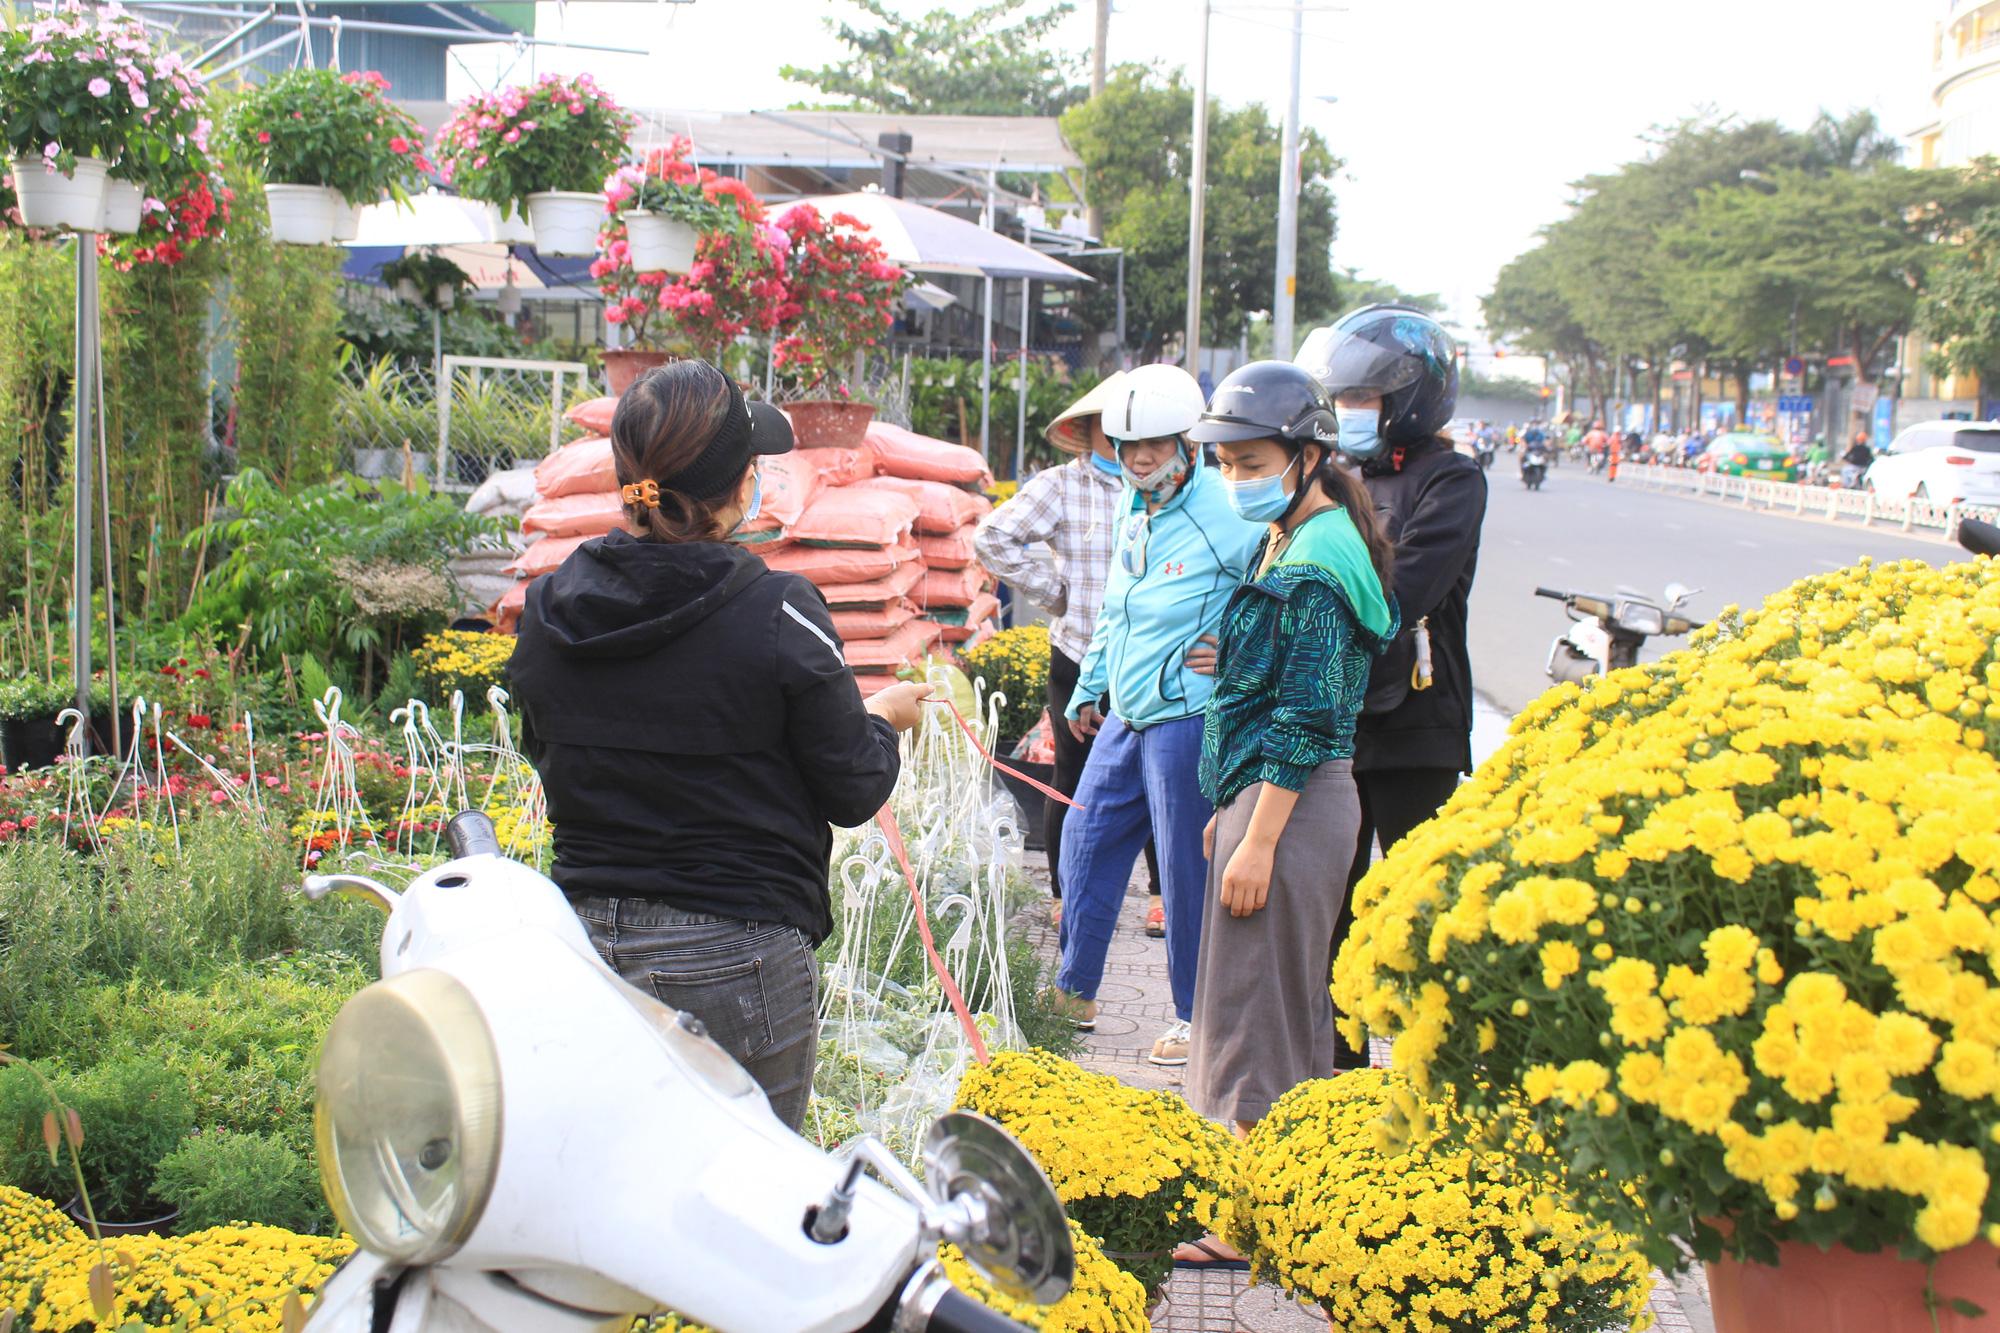 Hoa kiểng Tết đã bán tại Sài Gòn, tranh thủ giá rẻ, nhiều người đi mua sớm - Ảnh 1.